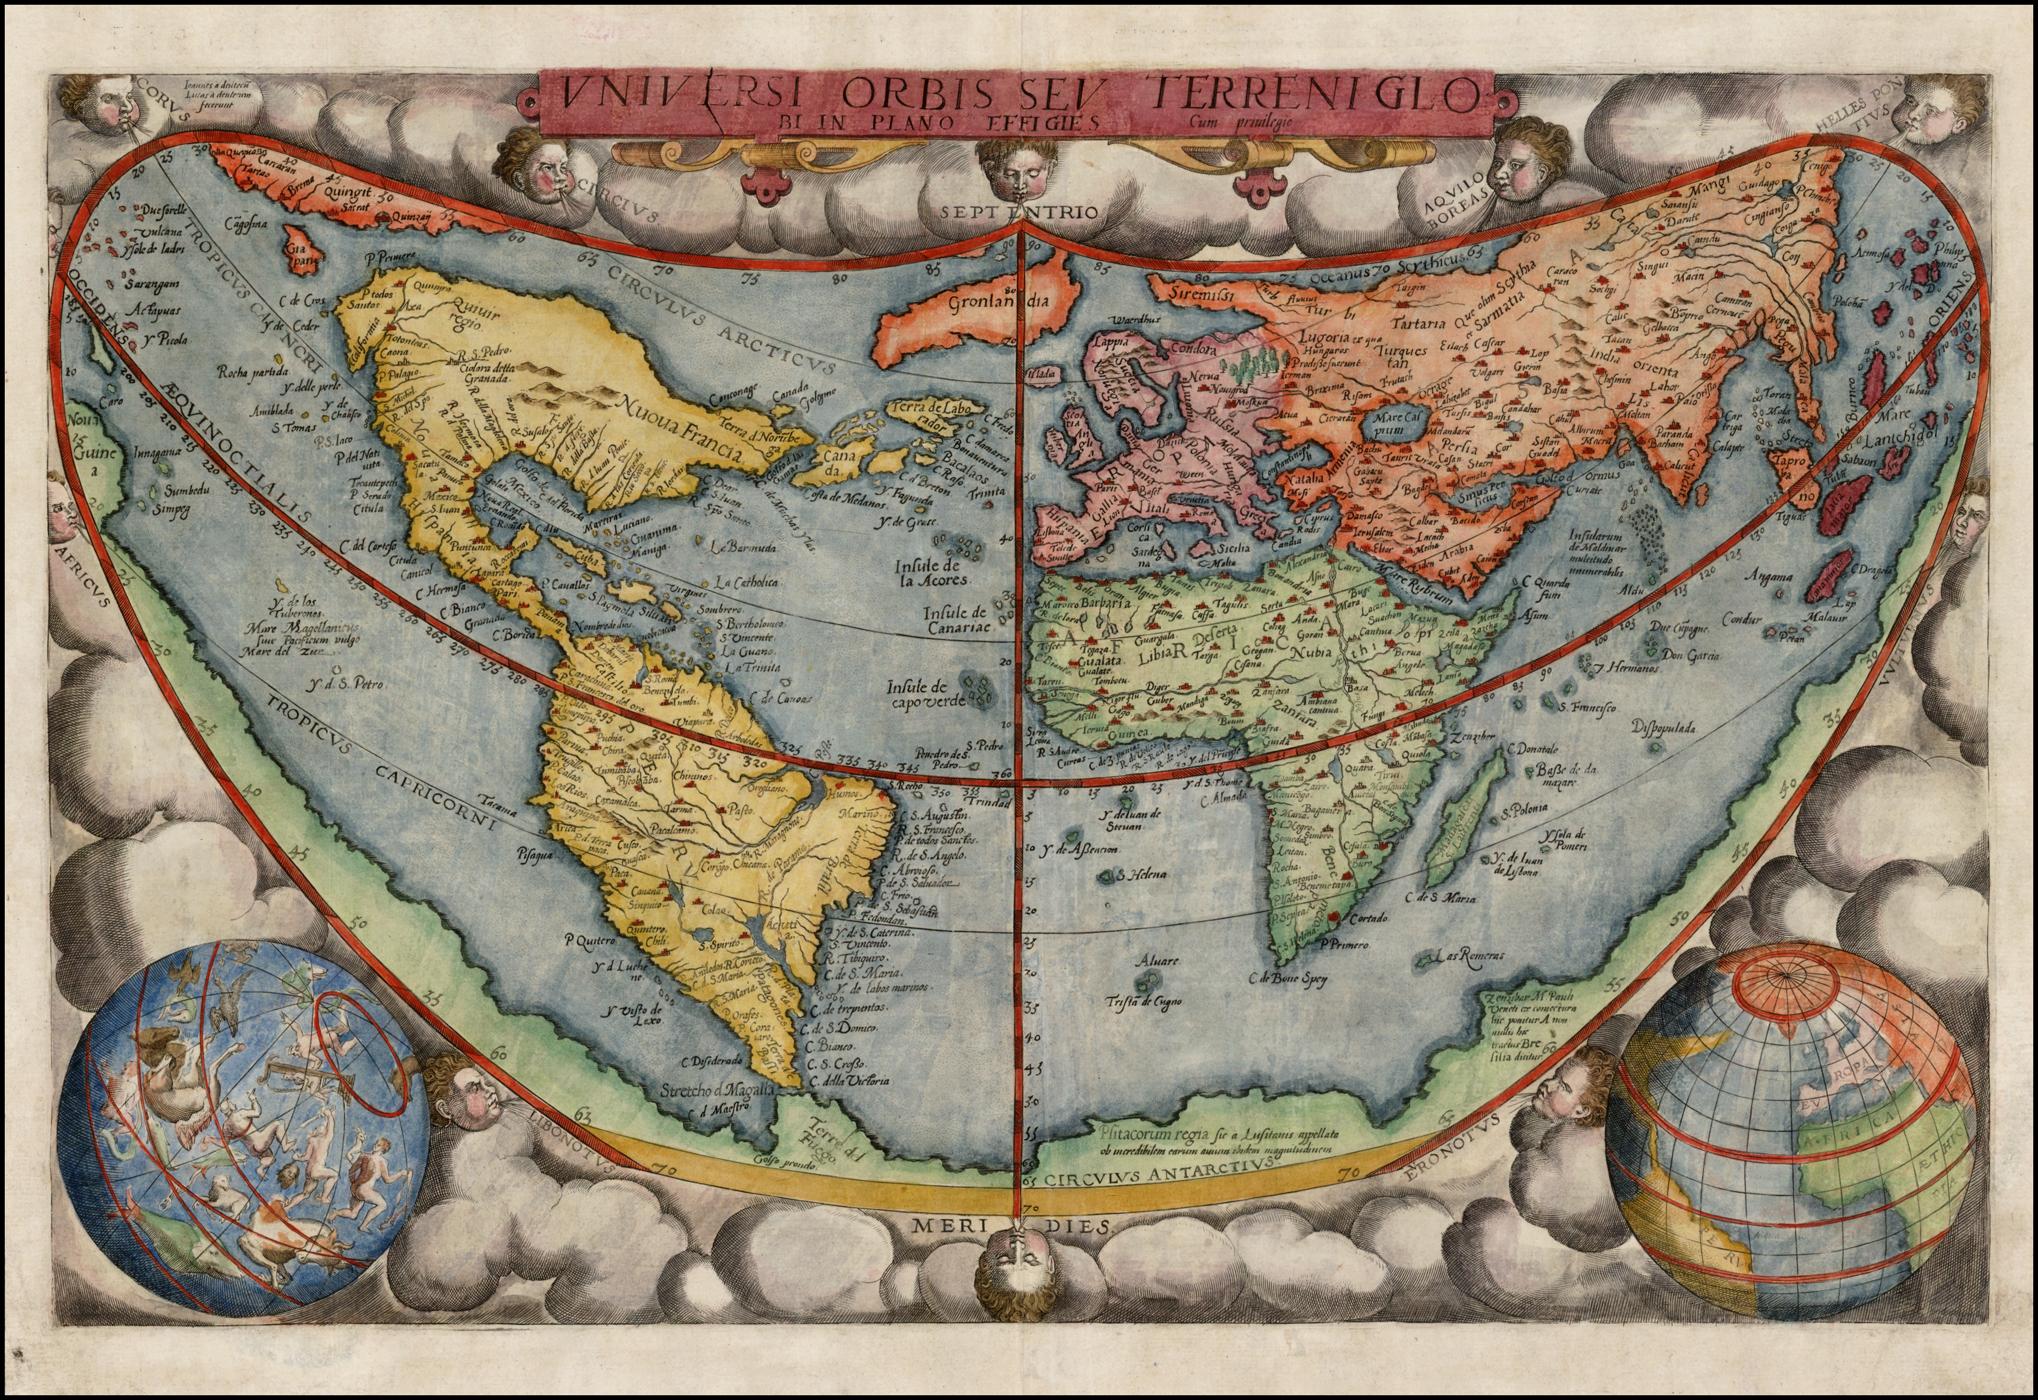 1578_Gerard De Jode